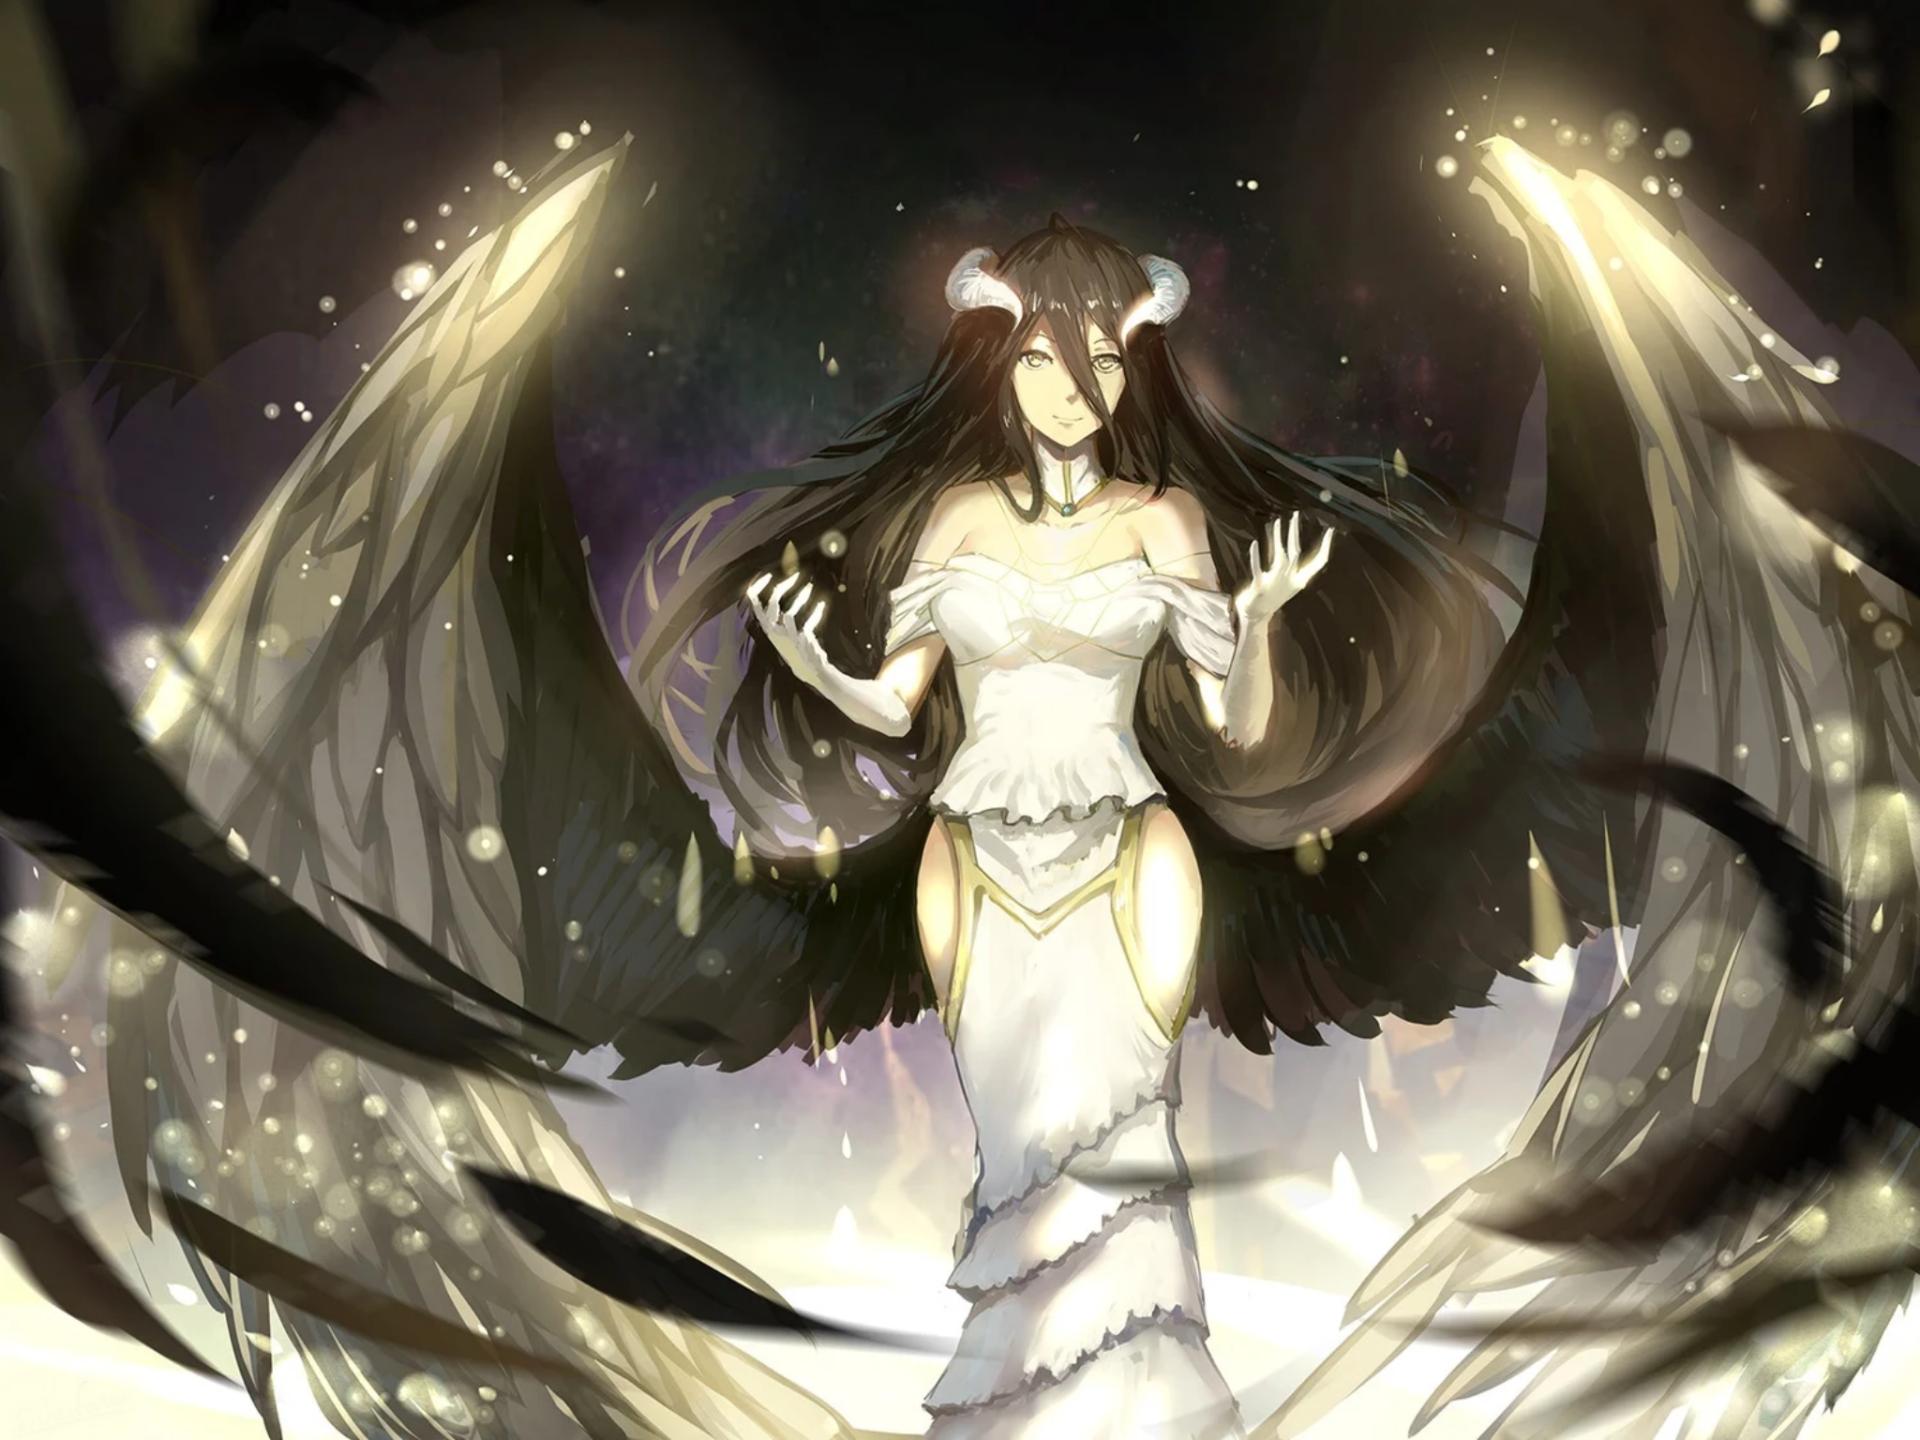 anime, girl, demon, evil, horns, wings, glowing, dark